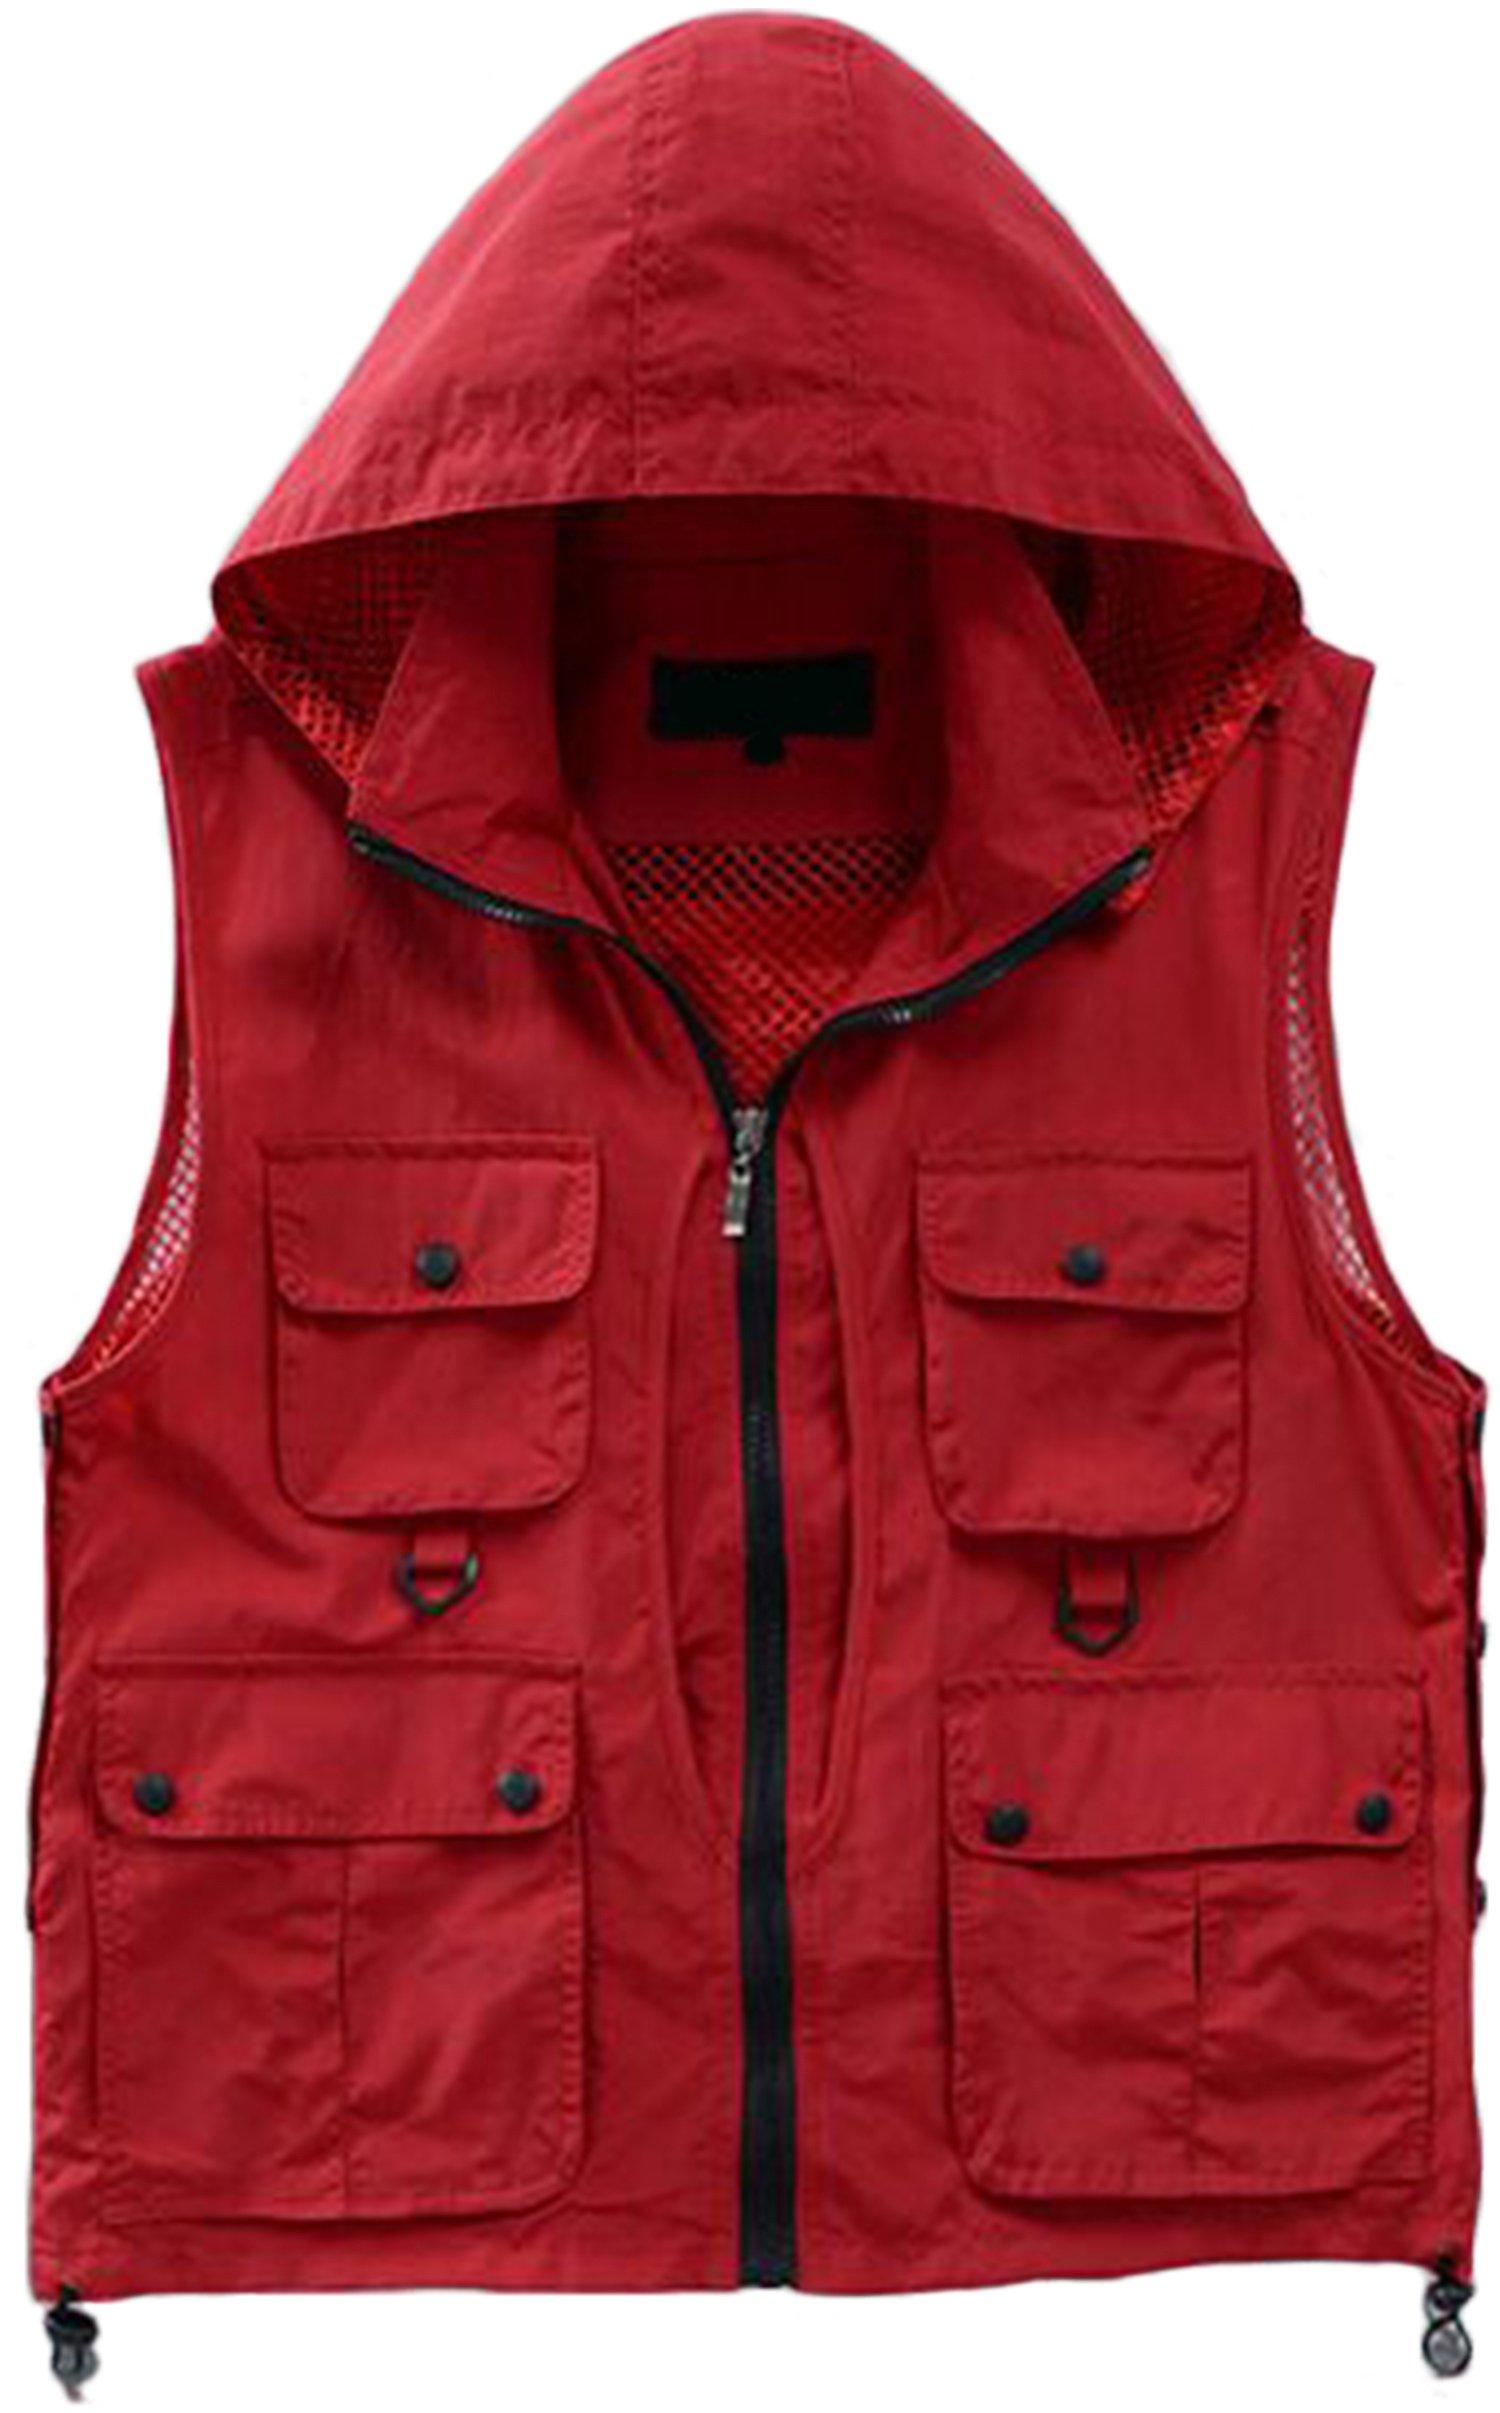 Aspon Men's Pockets Jacket Outdoors Travels Vest Hooded Red Large